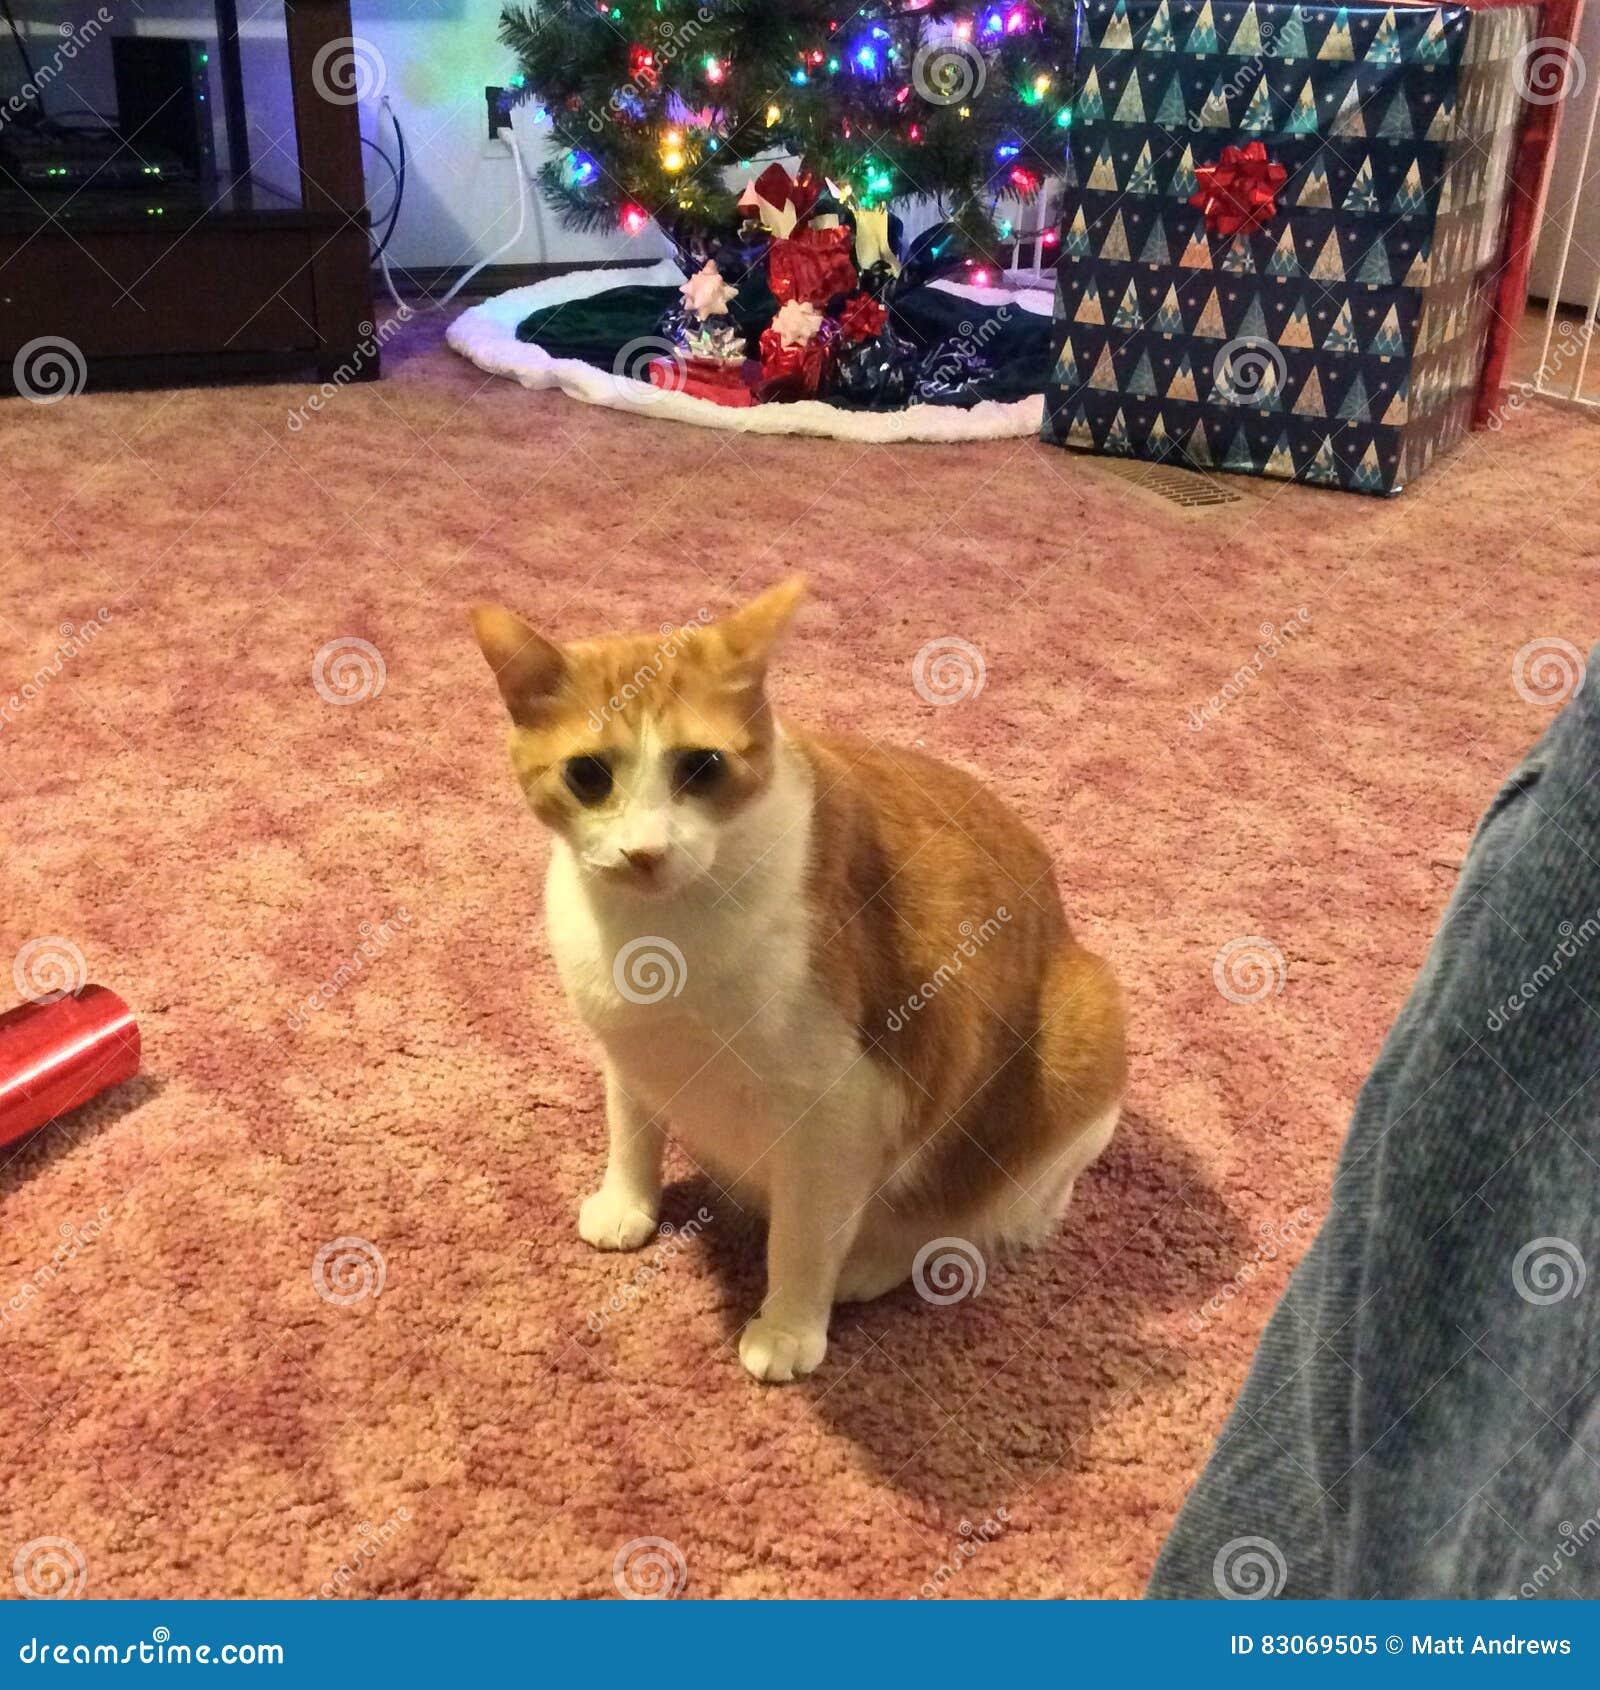 влияние голубого прибора кота камеры цифровое формирует радиацию фото модели изображения жары ультракрасную делая не реальное уса